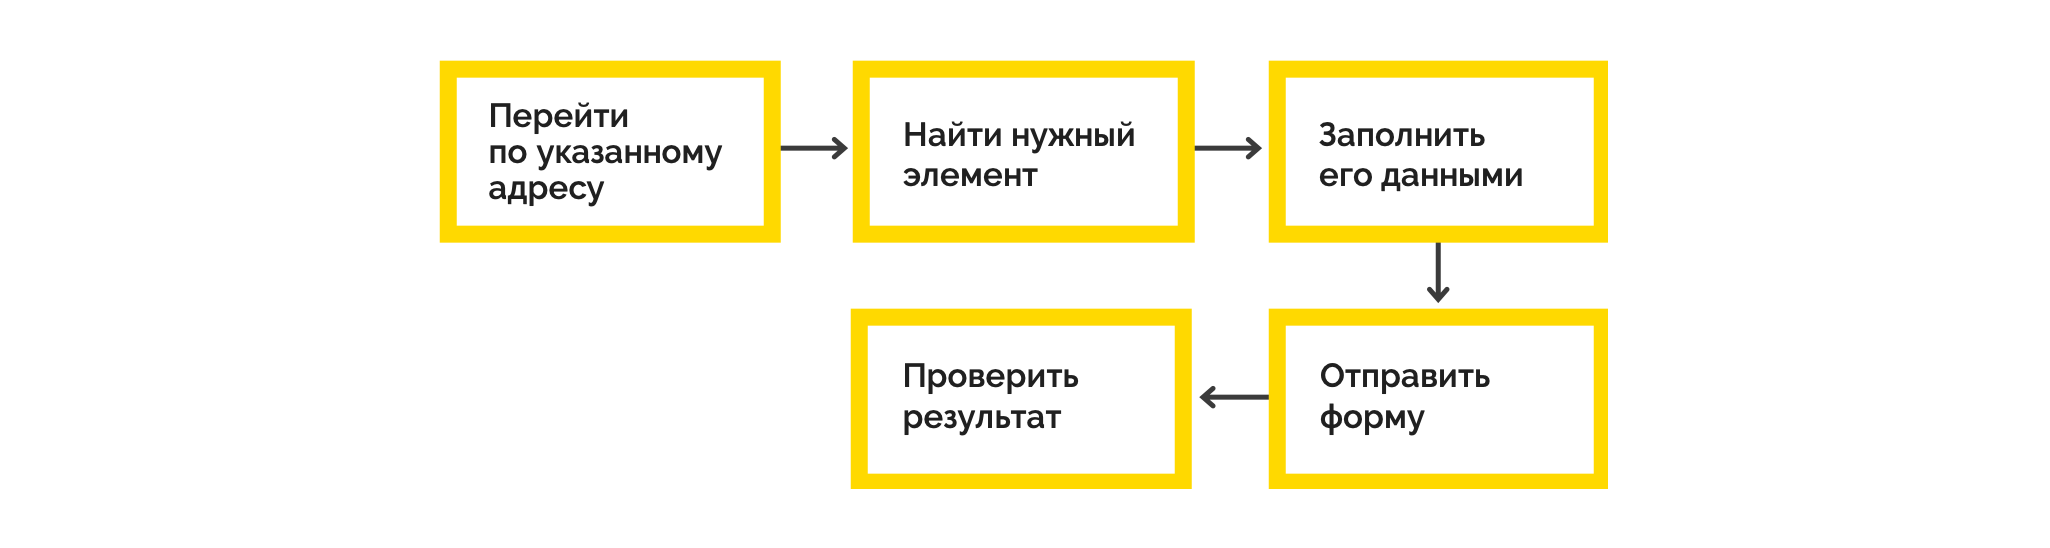 UI-тестирование: проверка системы на разных разрешениях - 6